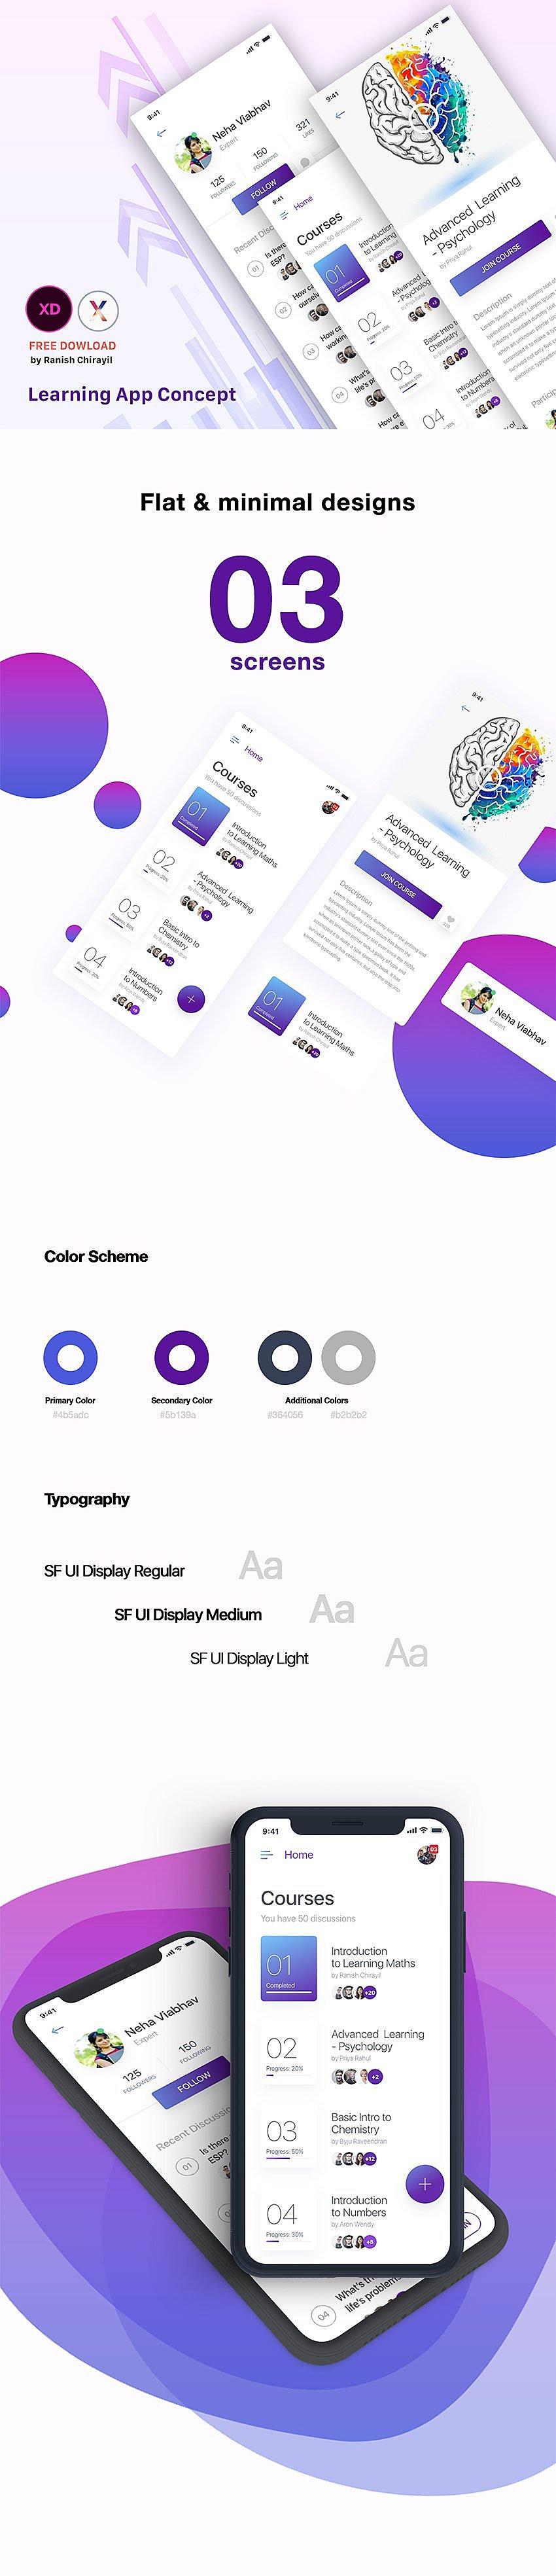 Learning App Design